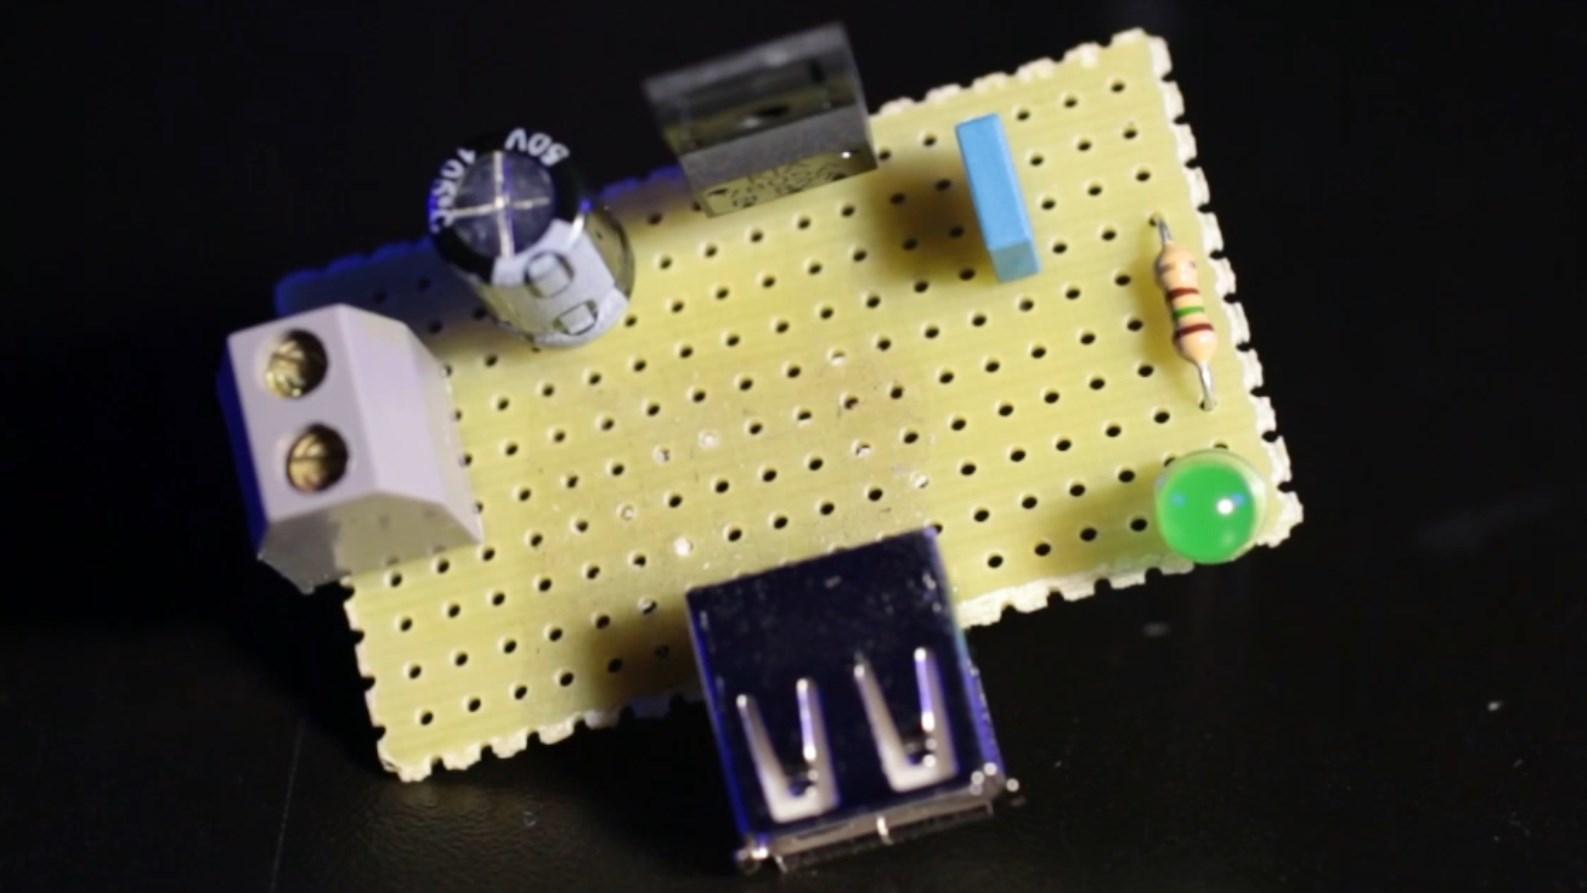 várias maneiras de ligar os contatos, e você pode utilizar fios de